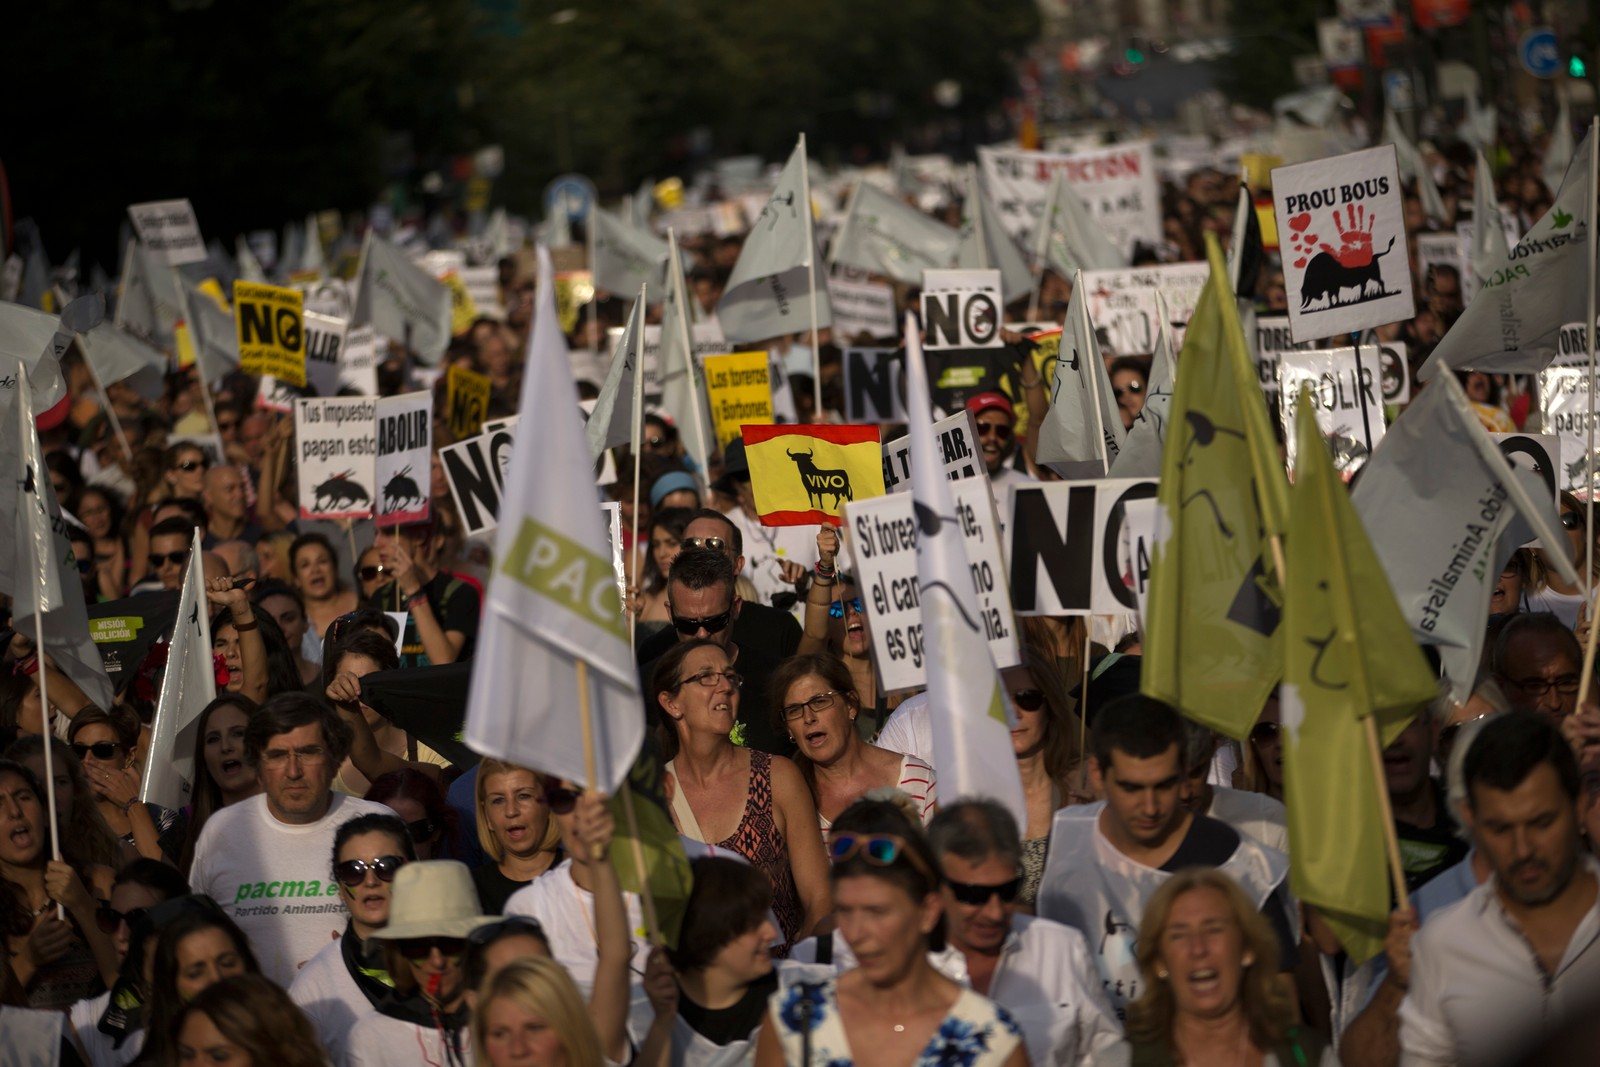 Demonstrantane ropte slagord mot tyrefekting medan dei marsjerte gjennom sentrum av Madrid.